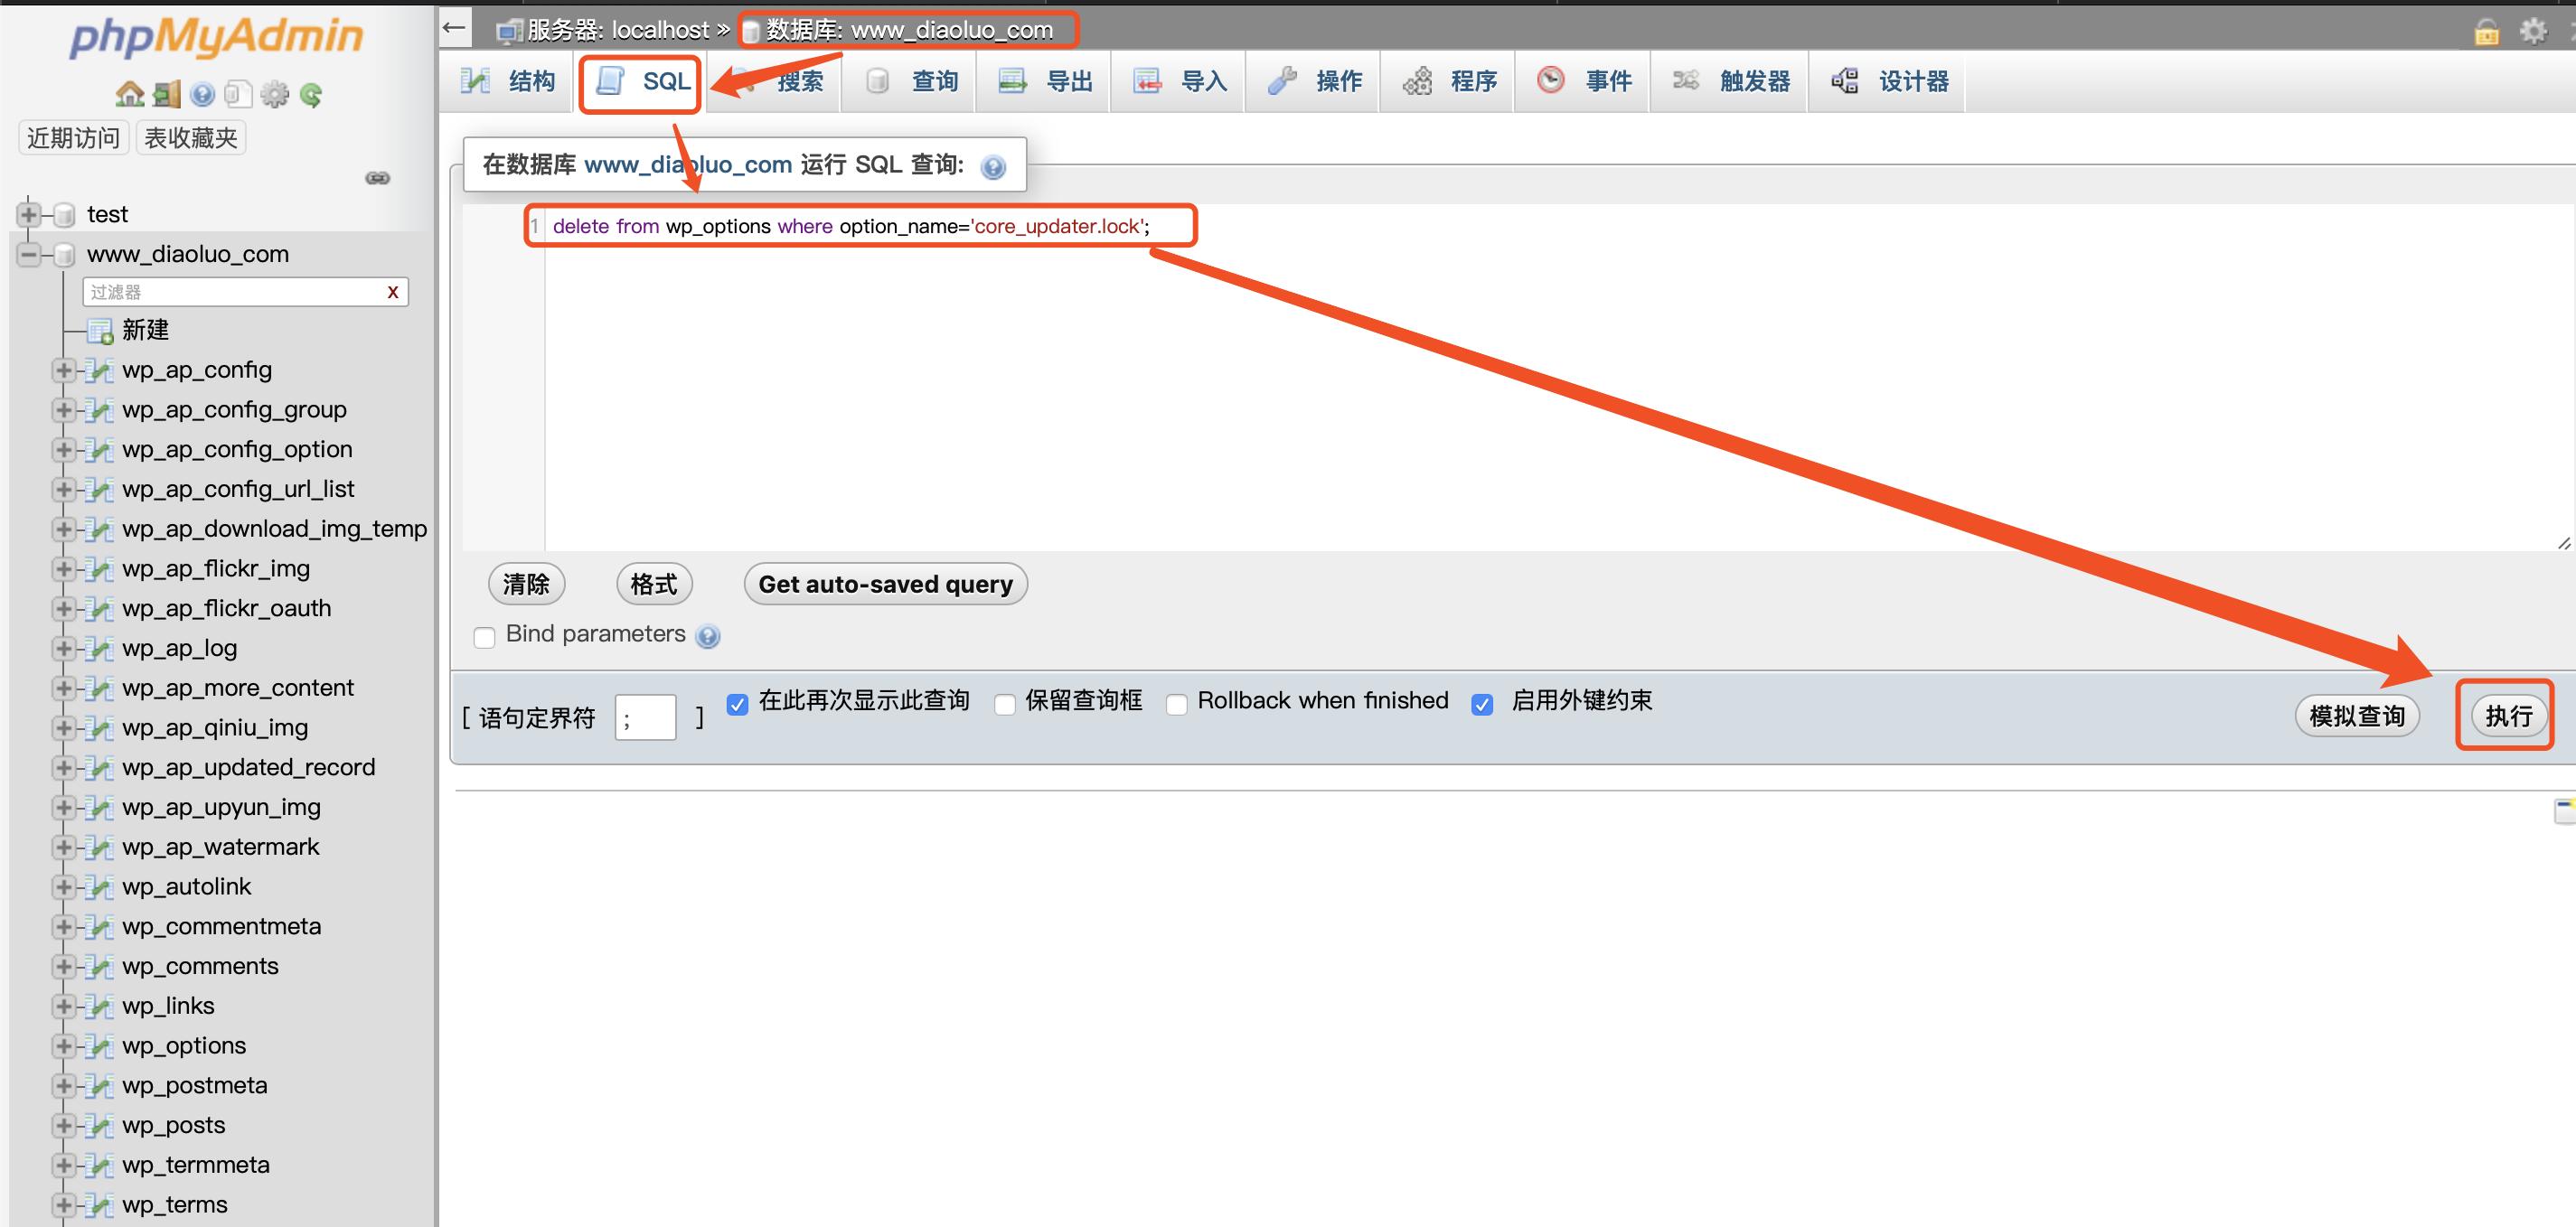 """国内服务器升级Wordpress提示""""另一更新正在进行""""解决办法"""